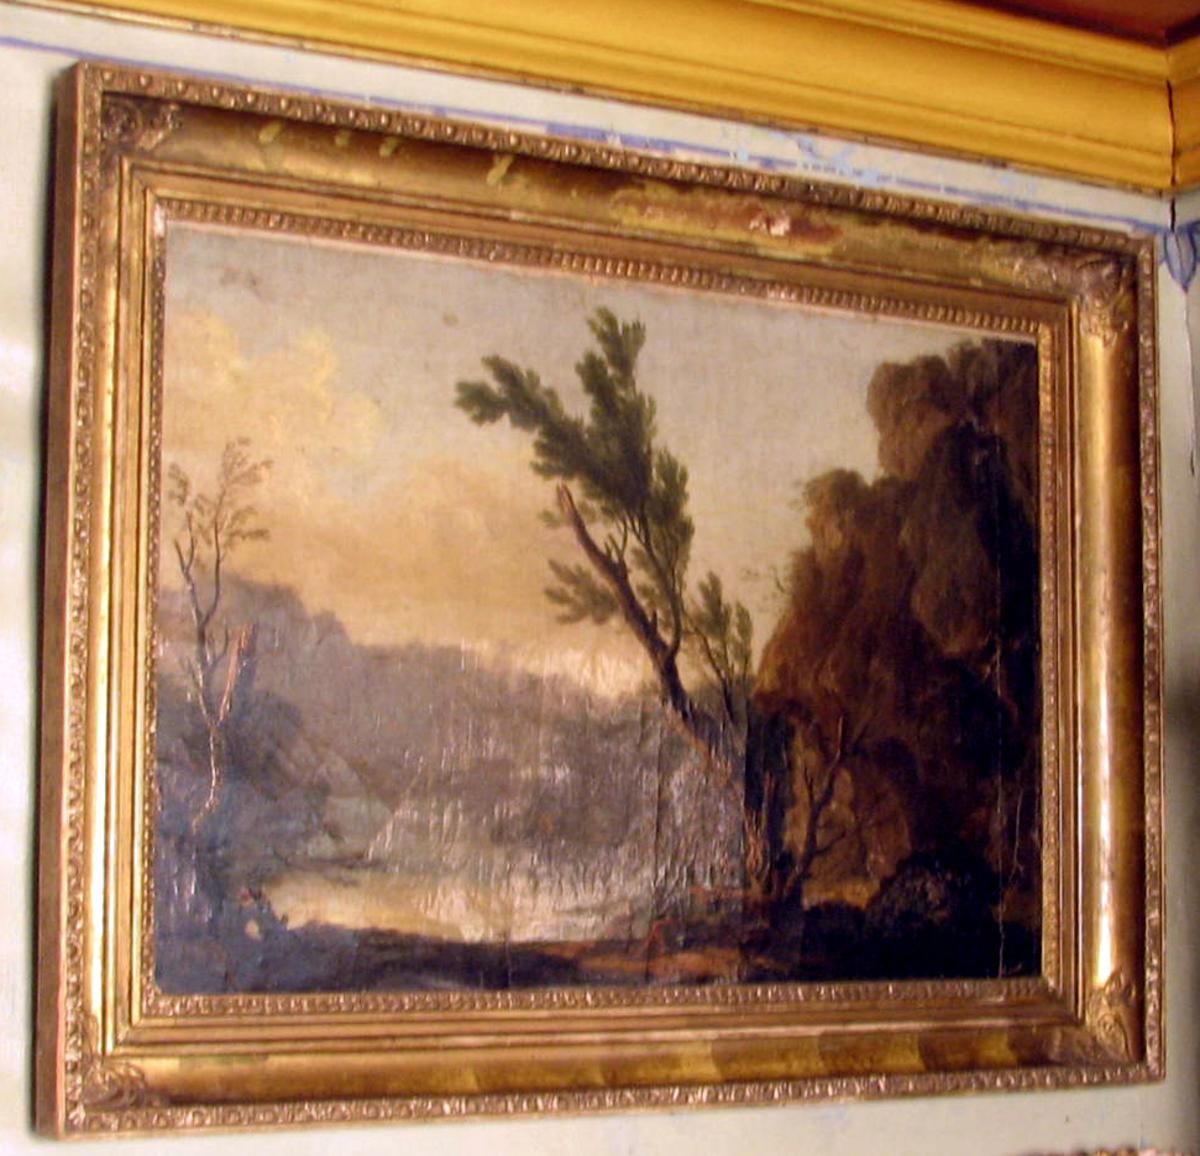 Rektangulært; ramme:profilert, plastisk ornamentikk, Malt lerret innebrettet 2,5 cm. på 1 kortsiden. Landskap ; i forgr. 2 menn, 2 halvt utdødde trær, i mellomgr. vann og fjellhammer tilhøyre; i bakgr borg og ås; brunlig m. lyseblå og grå himmel.